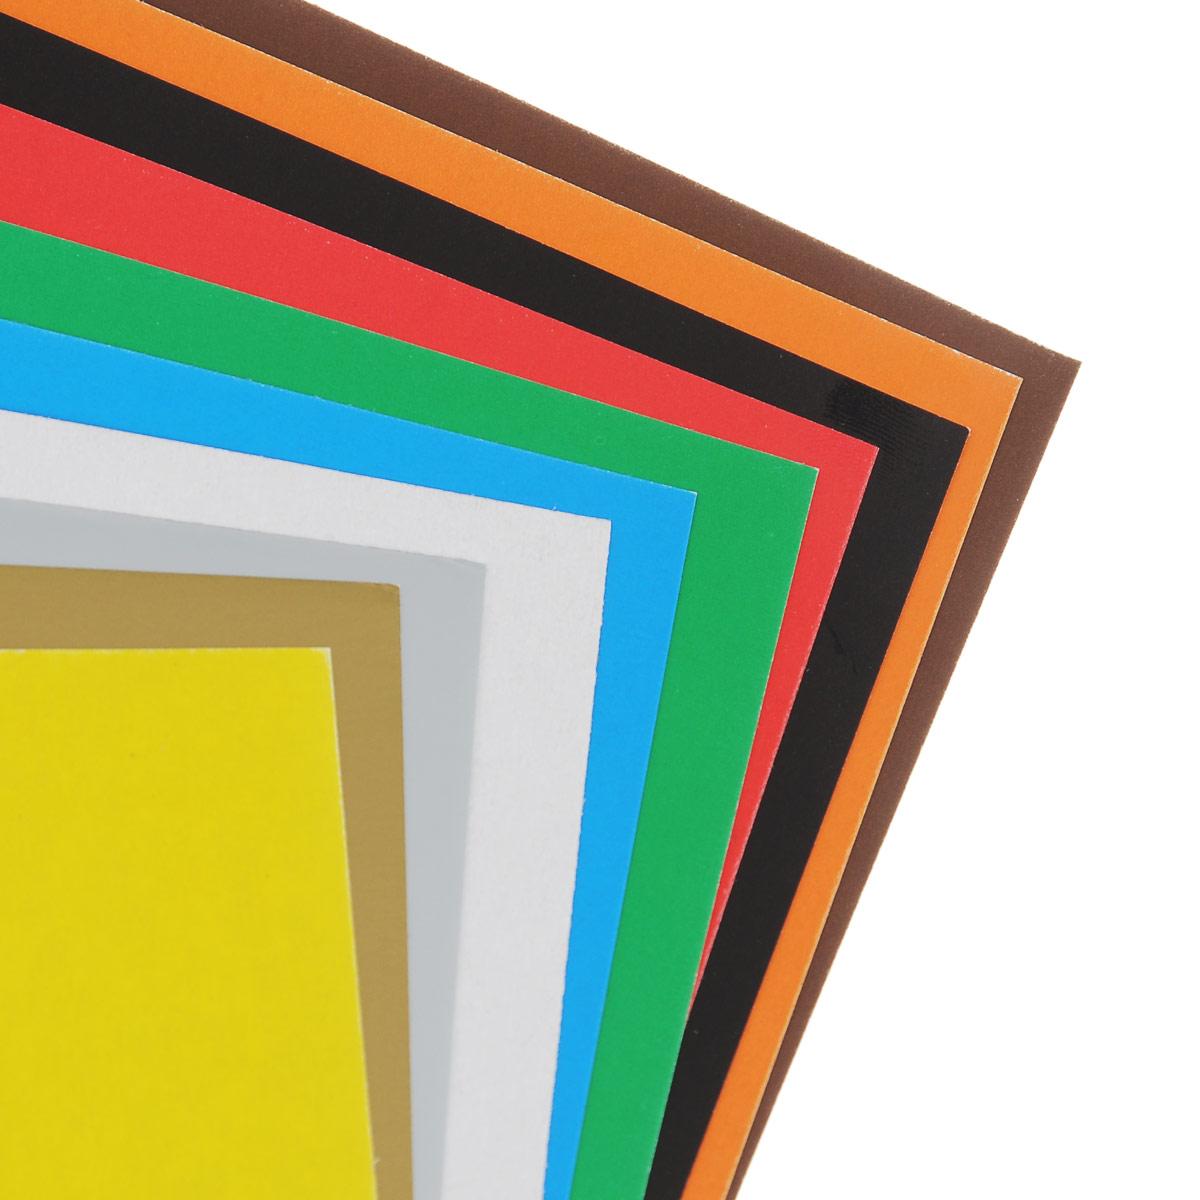 Набор цветного картона Action!: Fruit Ninja позволит создавать всевозможные аппликации и поделки. Набор включает 20 листов одностороннего цветного картона формата А4. Цвета: желтый, красный, золотистый, серебристый, синий, коричневый, белый, оранжевый, зеленый, черный.  Создание поделок из цветного картона позволяет ребенку развивать творческие способности, кроме того, это увлекательный досуг. Набор упакован в картонную папку с изображением Fruit Ninja.  УВАЖАЕМЫЕ КЛИЕНТЫ!   Обращаем ваше внимание на возможные изменения в дизайне, связанные с ассортиментом продукции: обложки альбомов могут отличаться от представленных на изображениях. Поставка осуществляется в зависимости от наличия на складе.